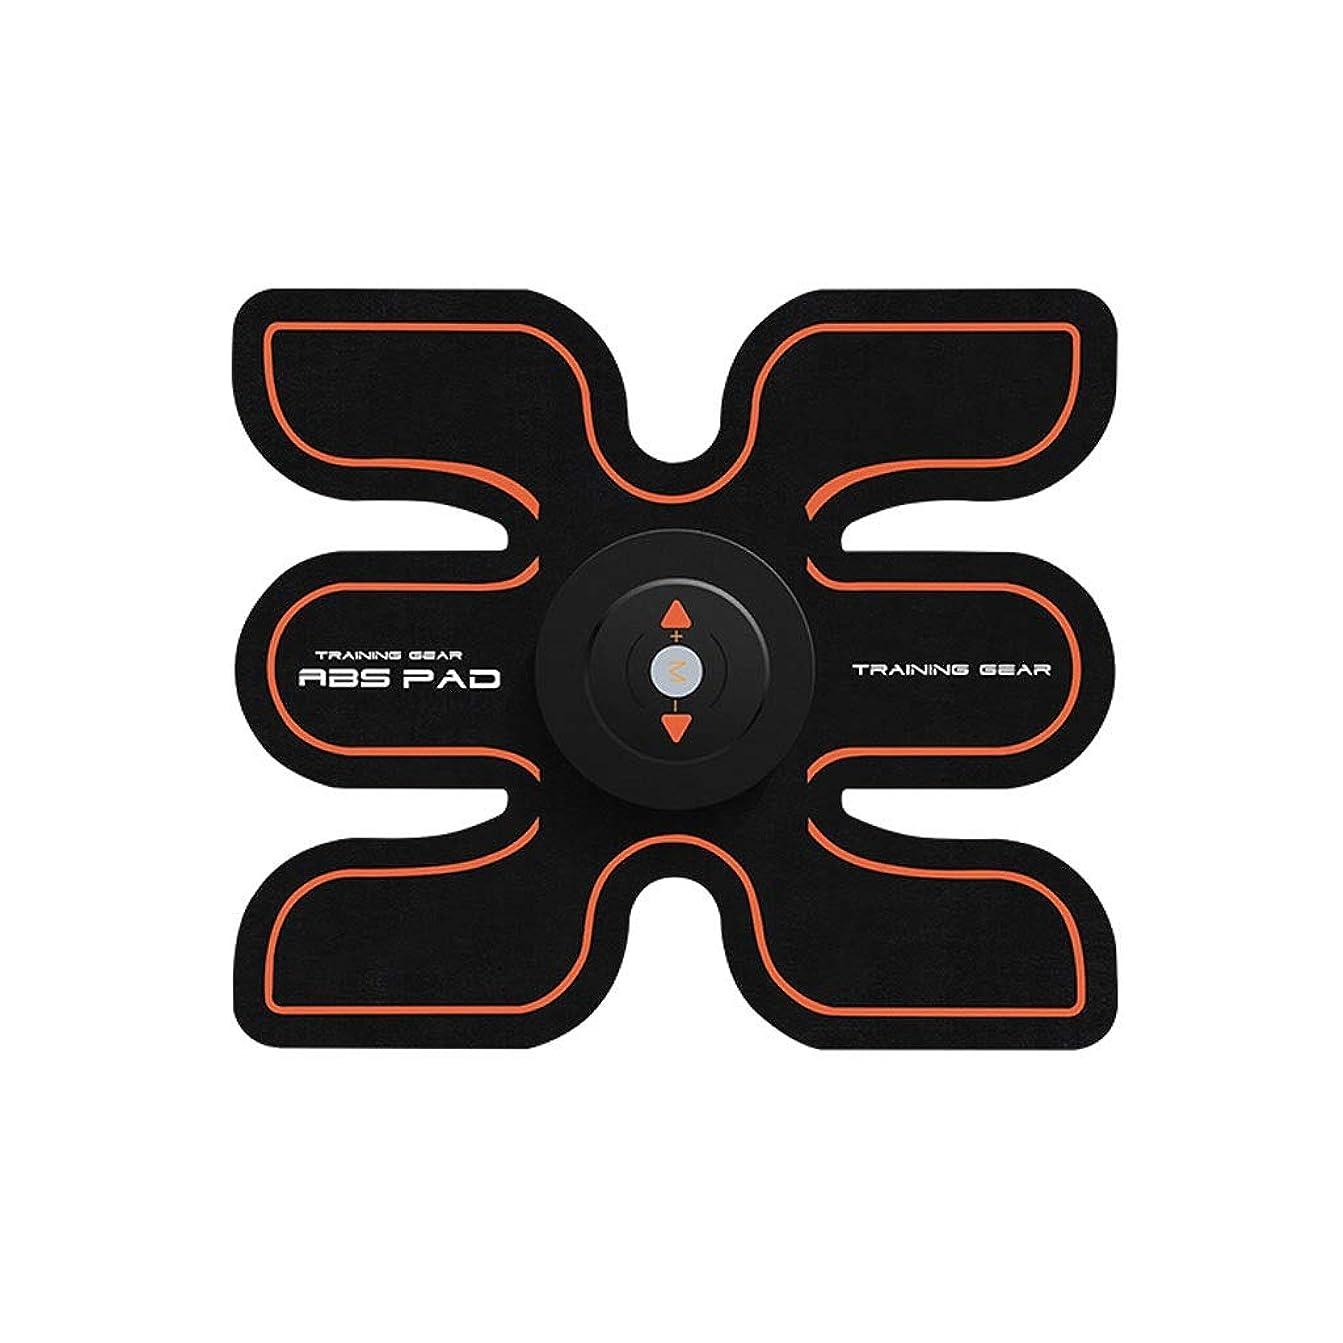 のどいくつかの鋭くABSトレーナーEMS腹部電気マッスルスティミュレーターマッスルトナー調色ベルトフィットネストレーニングギアABSエクササイズマシンウエストトレーナーホームワークアウト (Size : A)